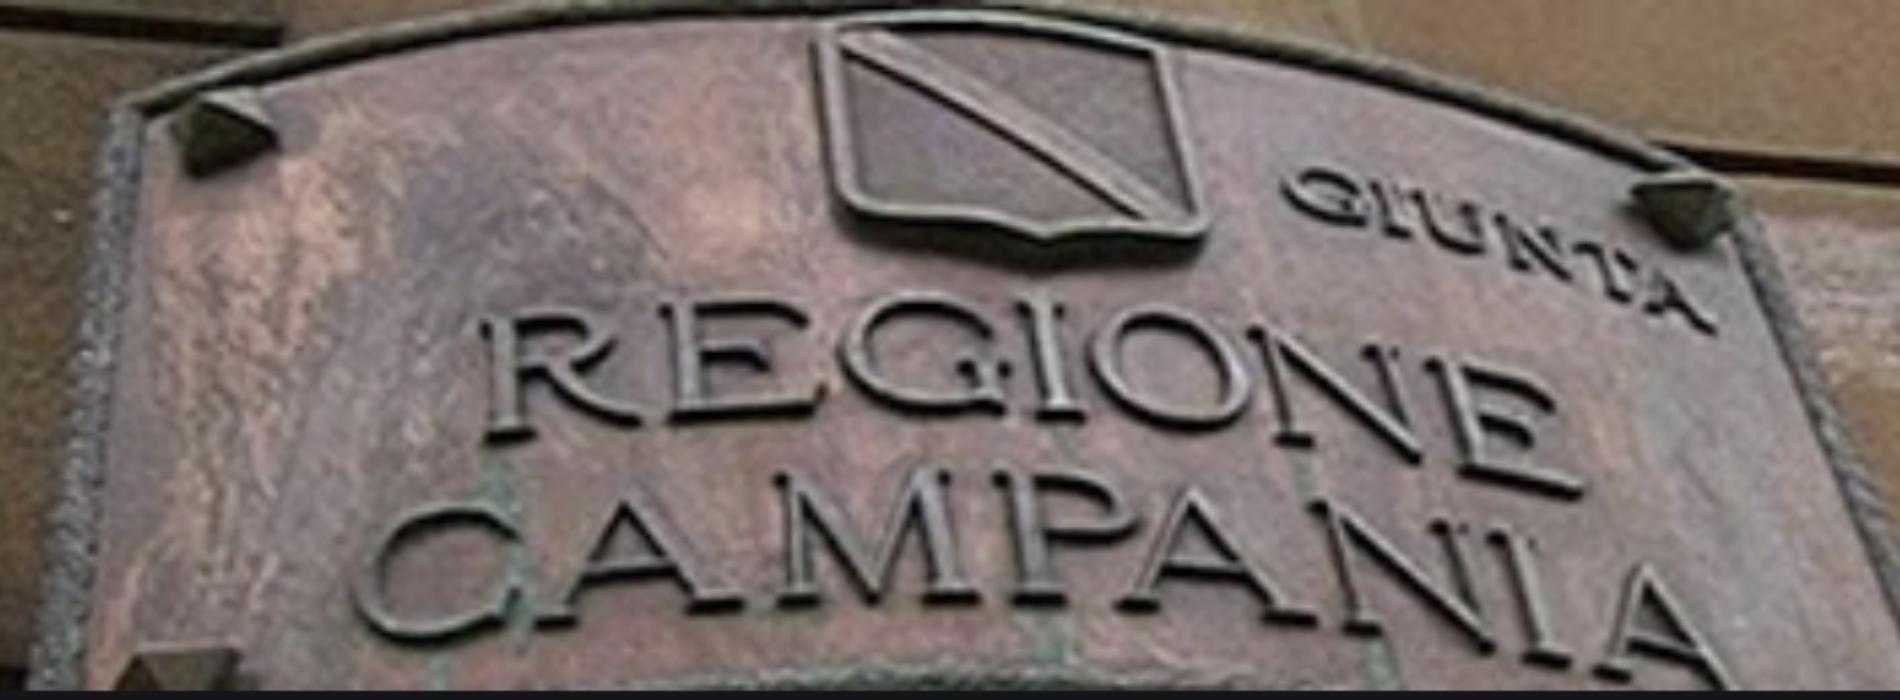 Regione Campania, riaprono i Centri per l'impiego. 22 le strutture